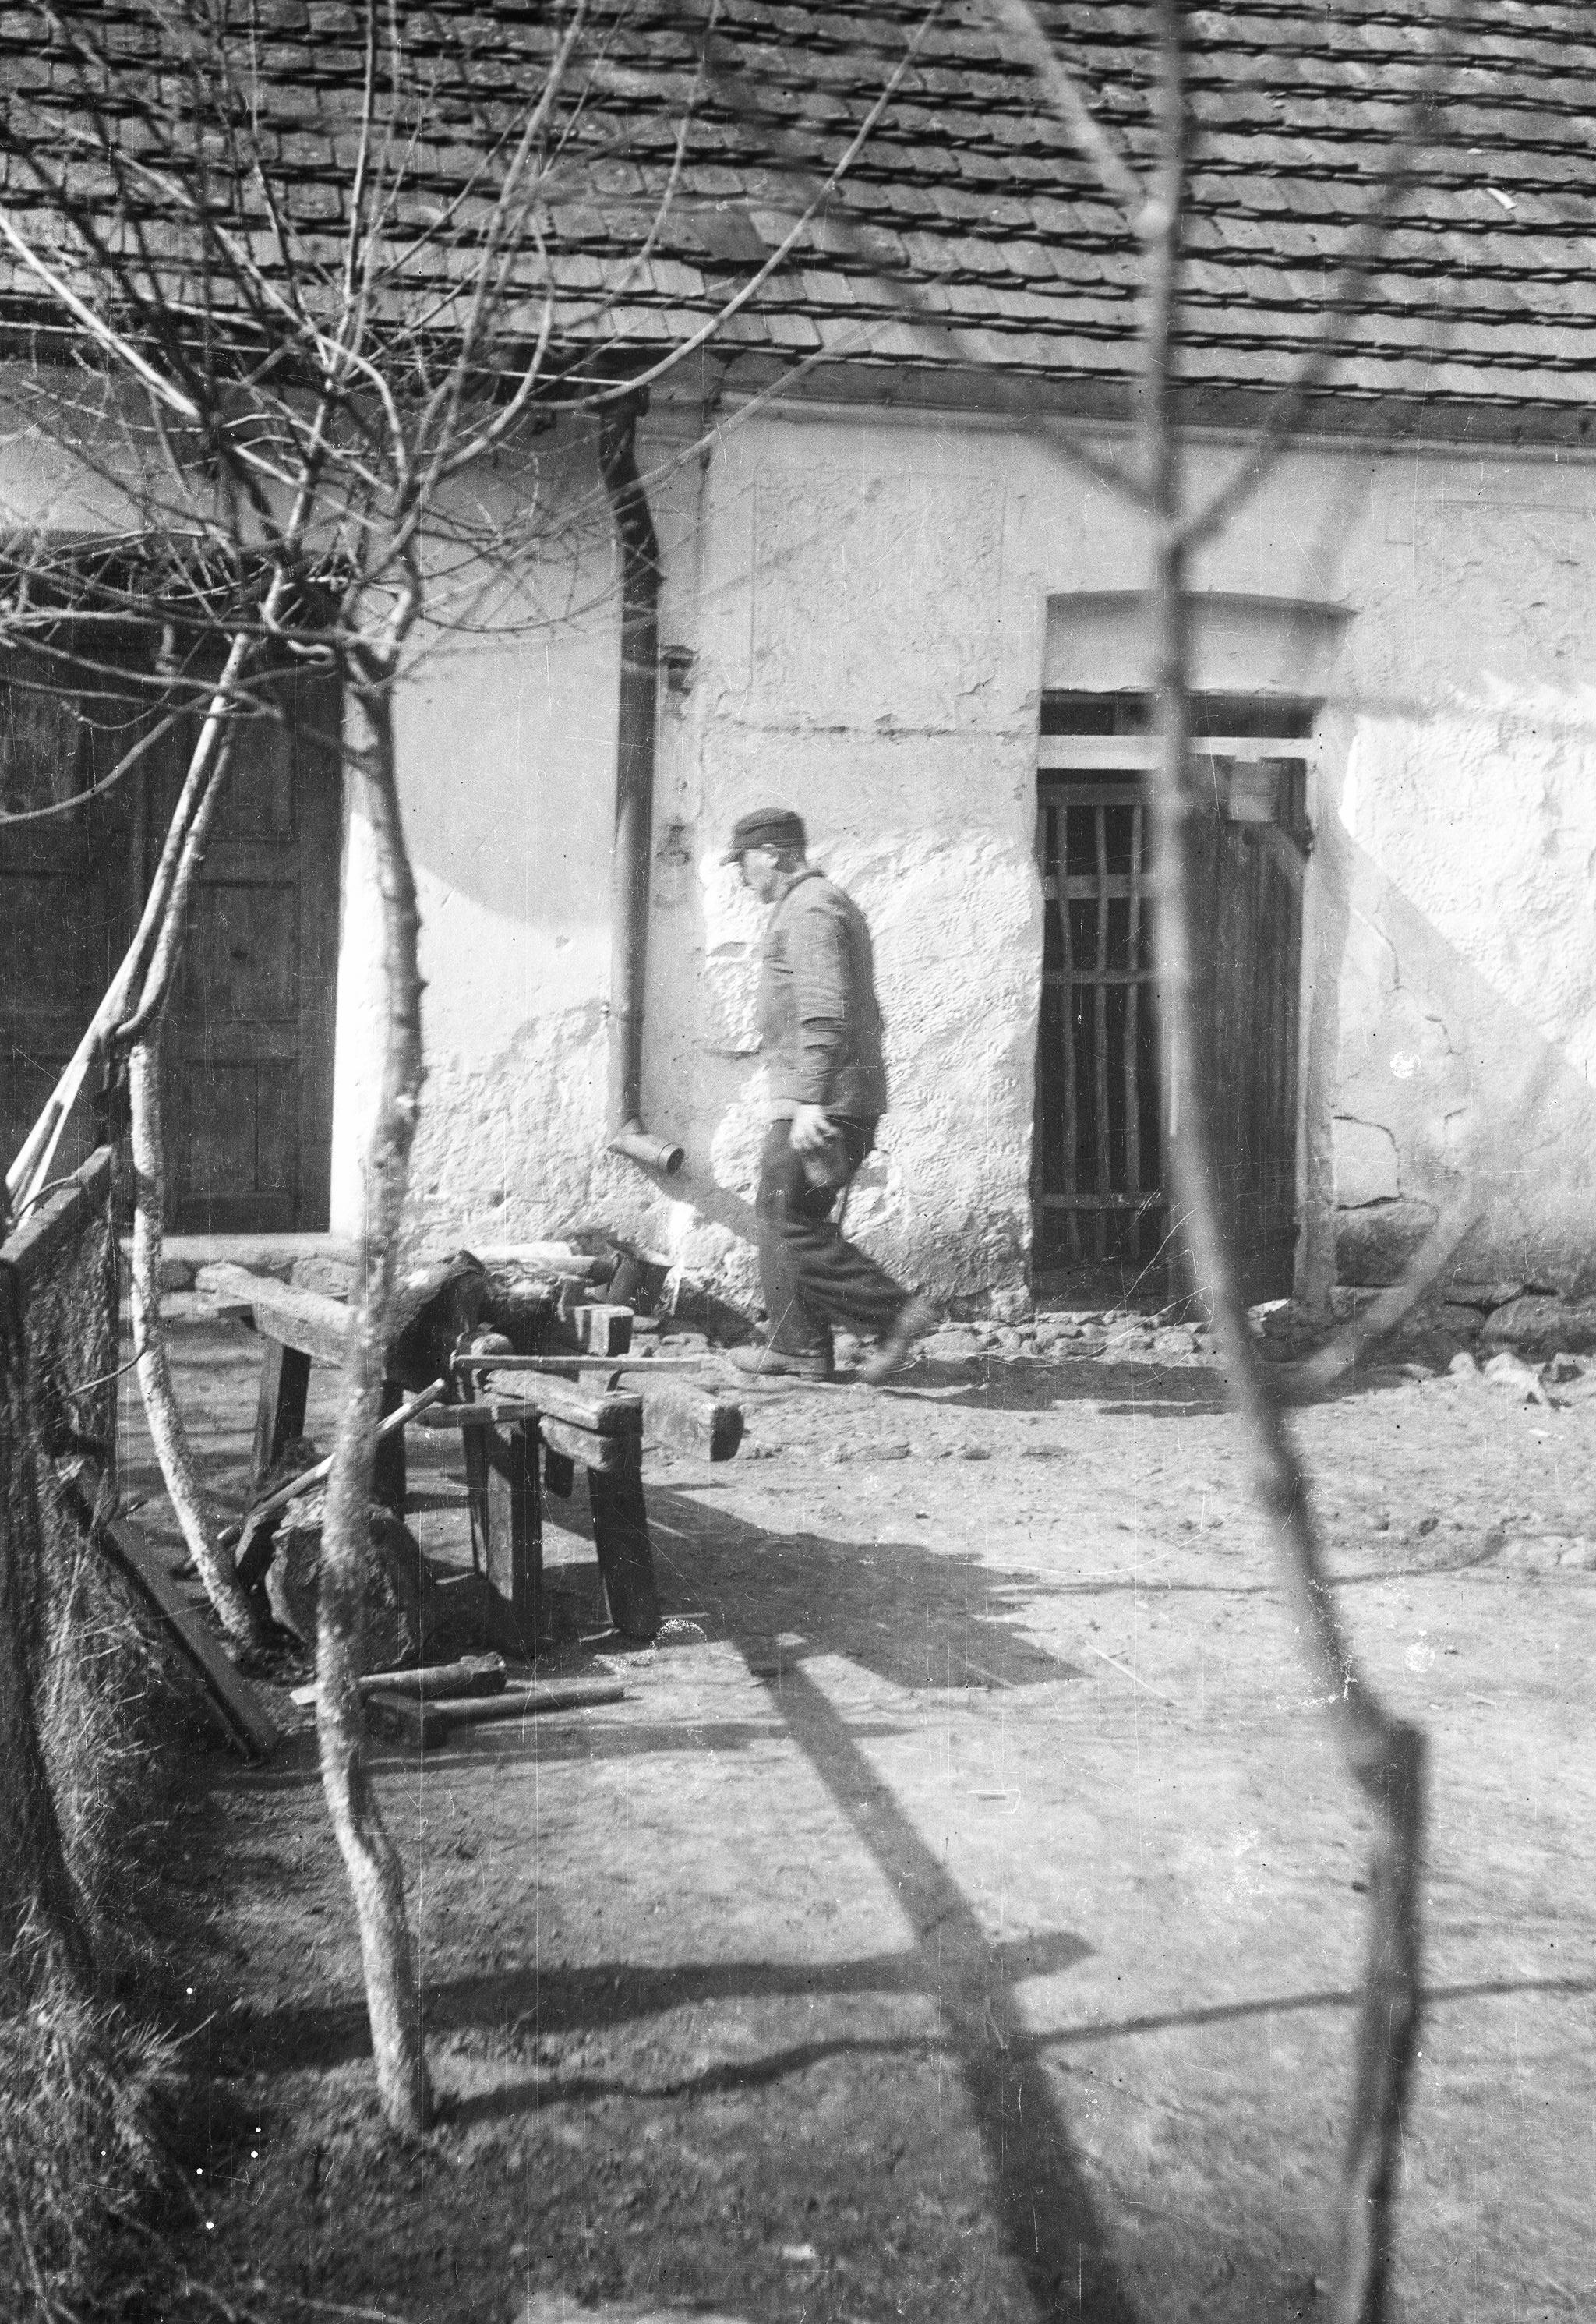 Podwórko u Czyżowiczów, Brzózka, Dolny Śląsk, lata 50. XX w.